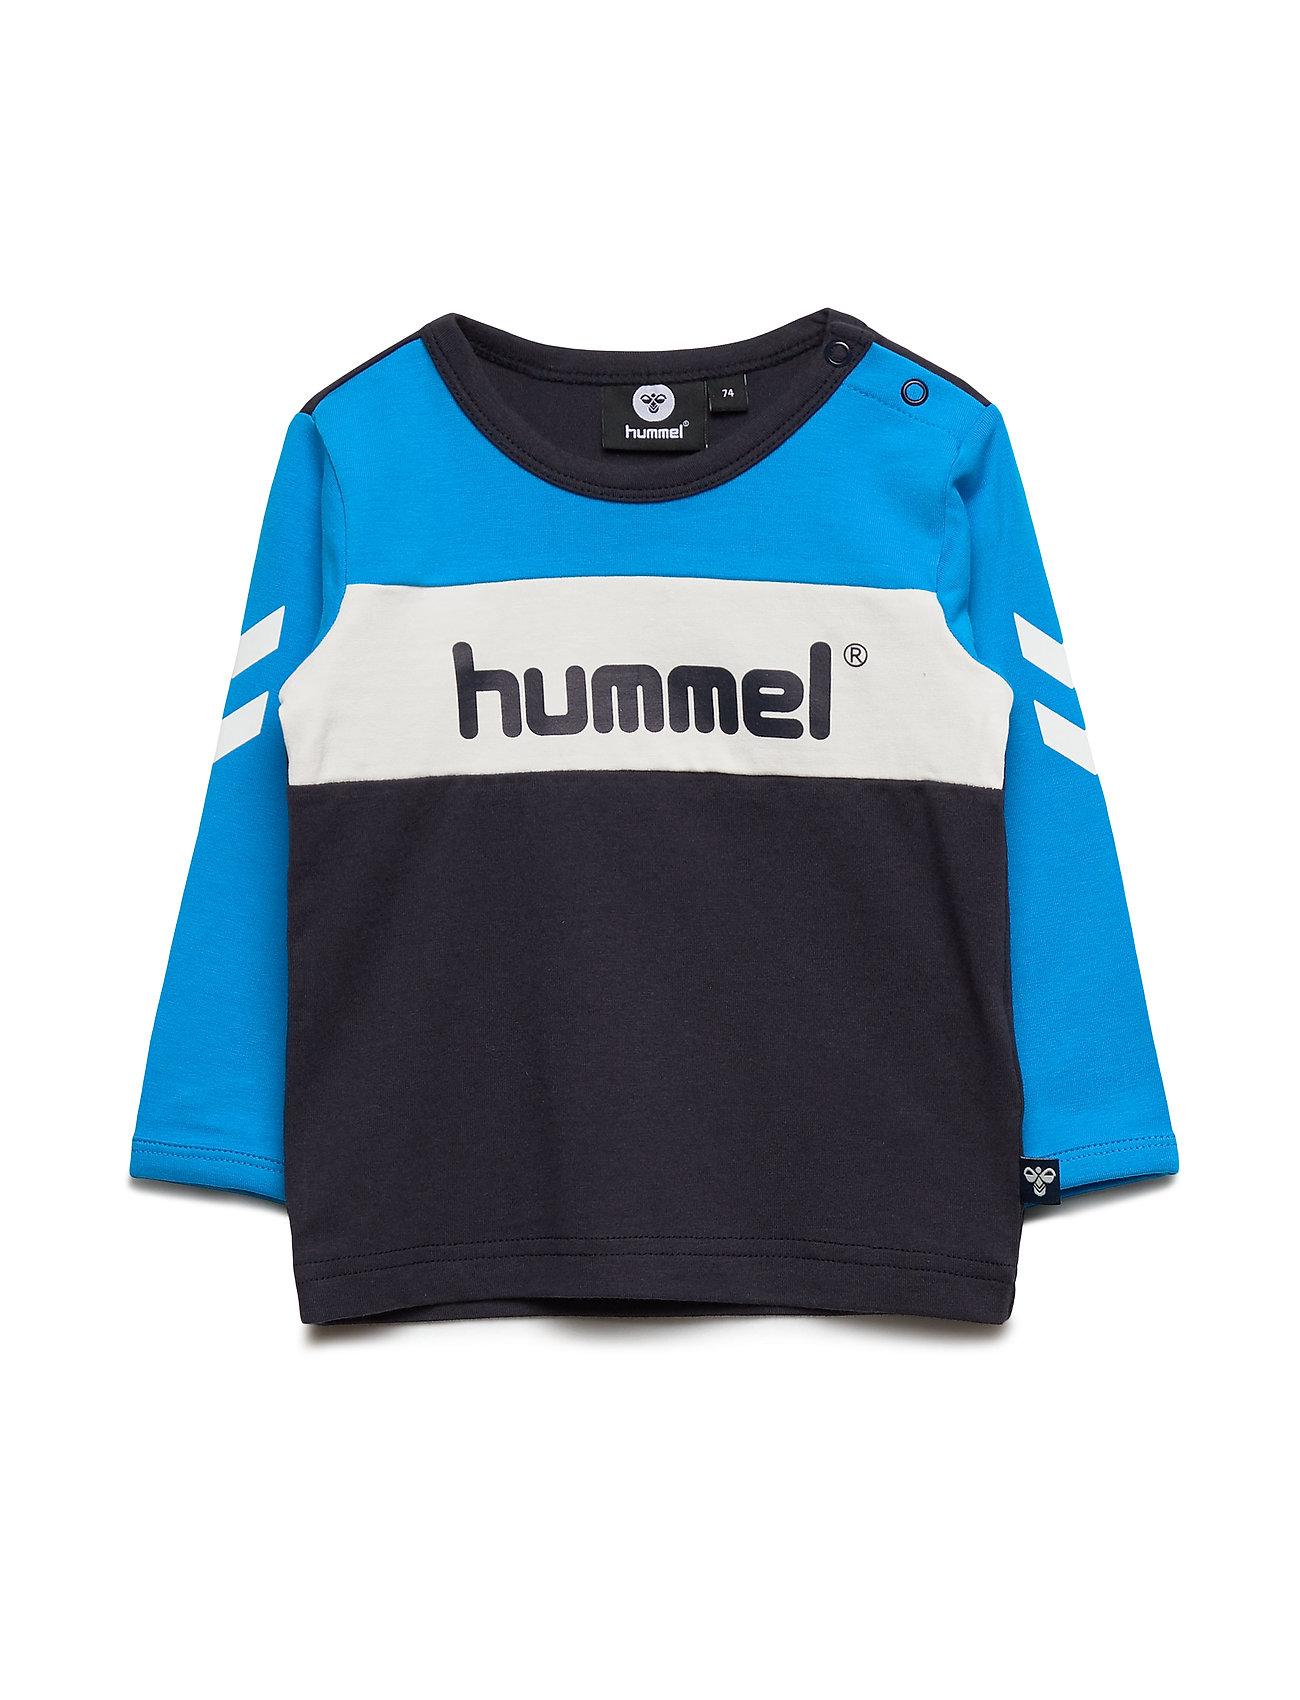 Hummel hmlJENSEN T-SHIRT L/S - DIVA BLUE